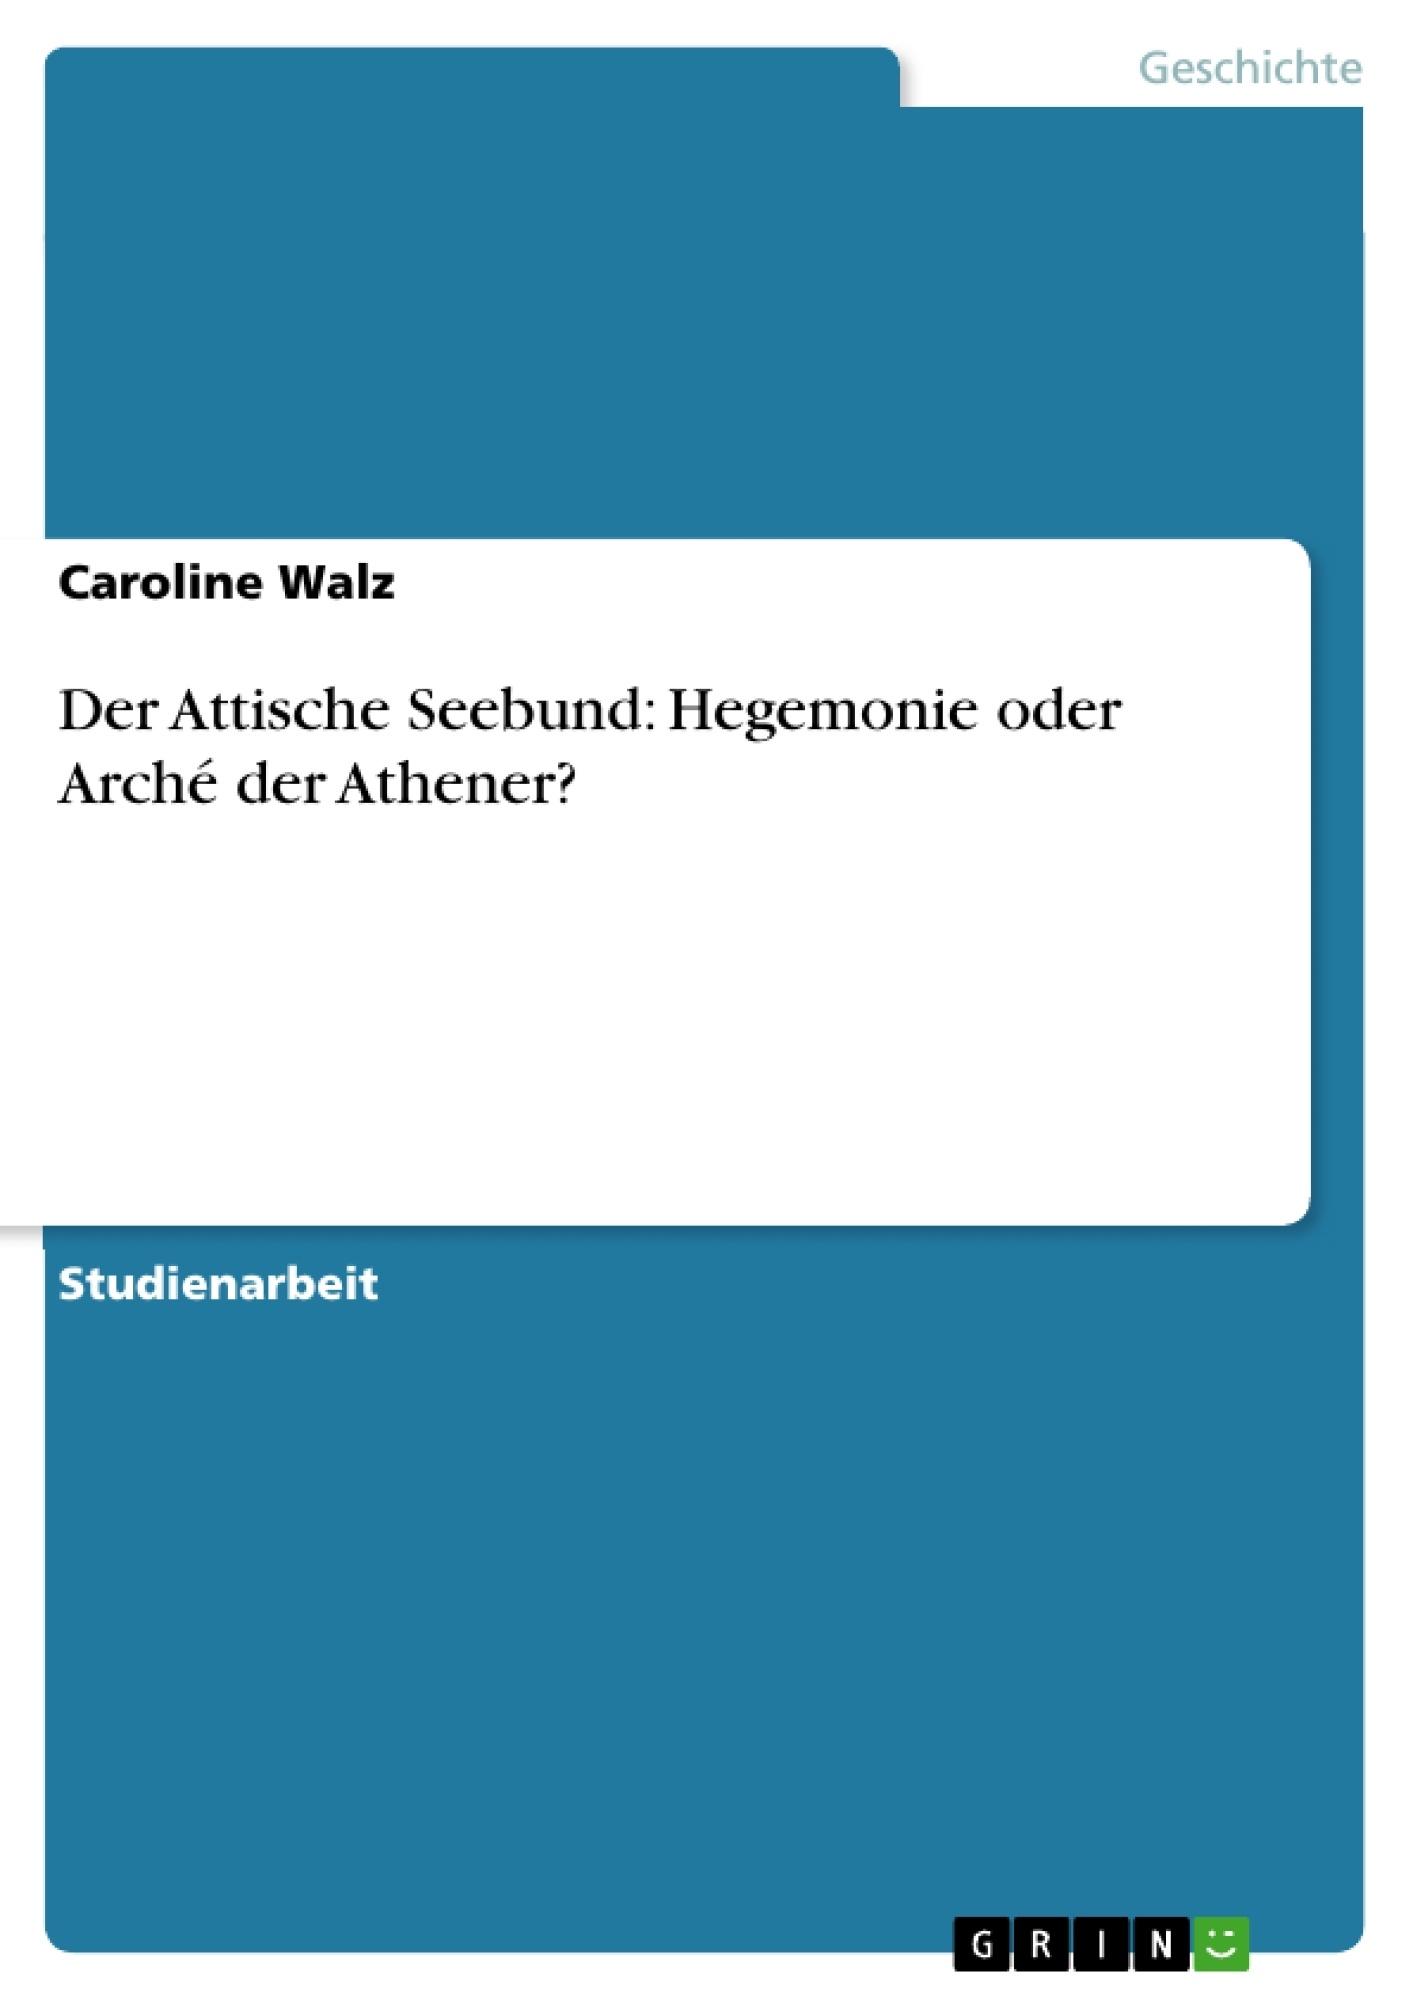 Titel: Der Attische Seebund: Hegemonie oder Arché der Athener?